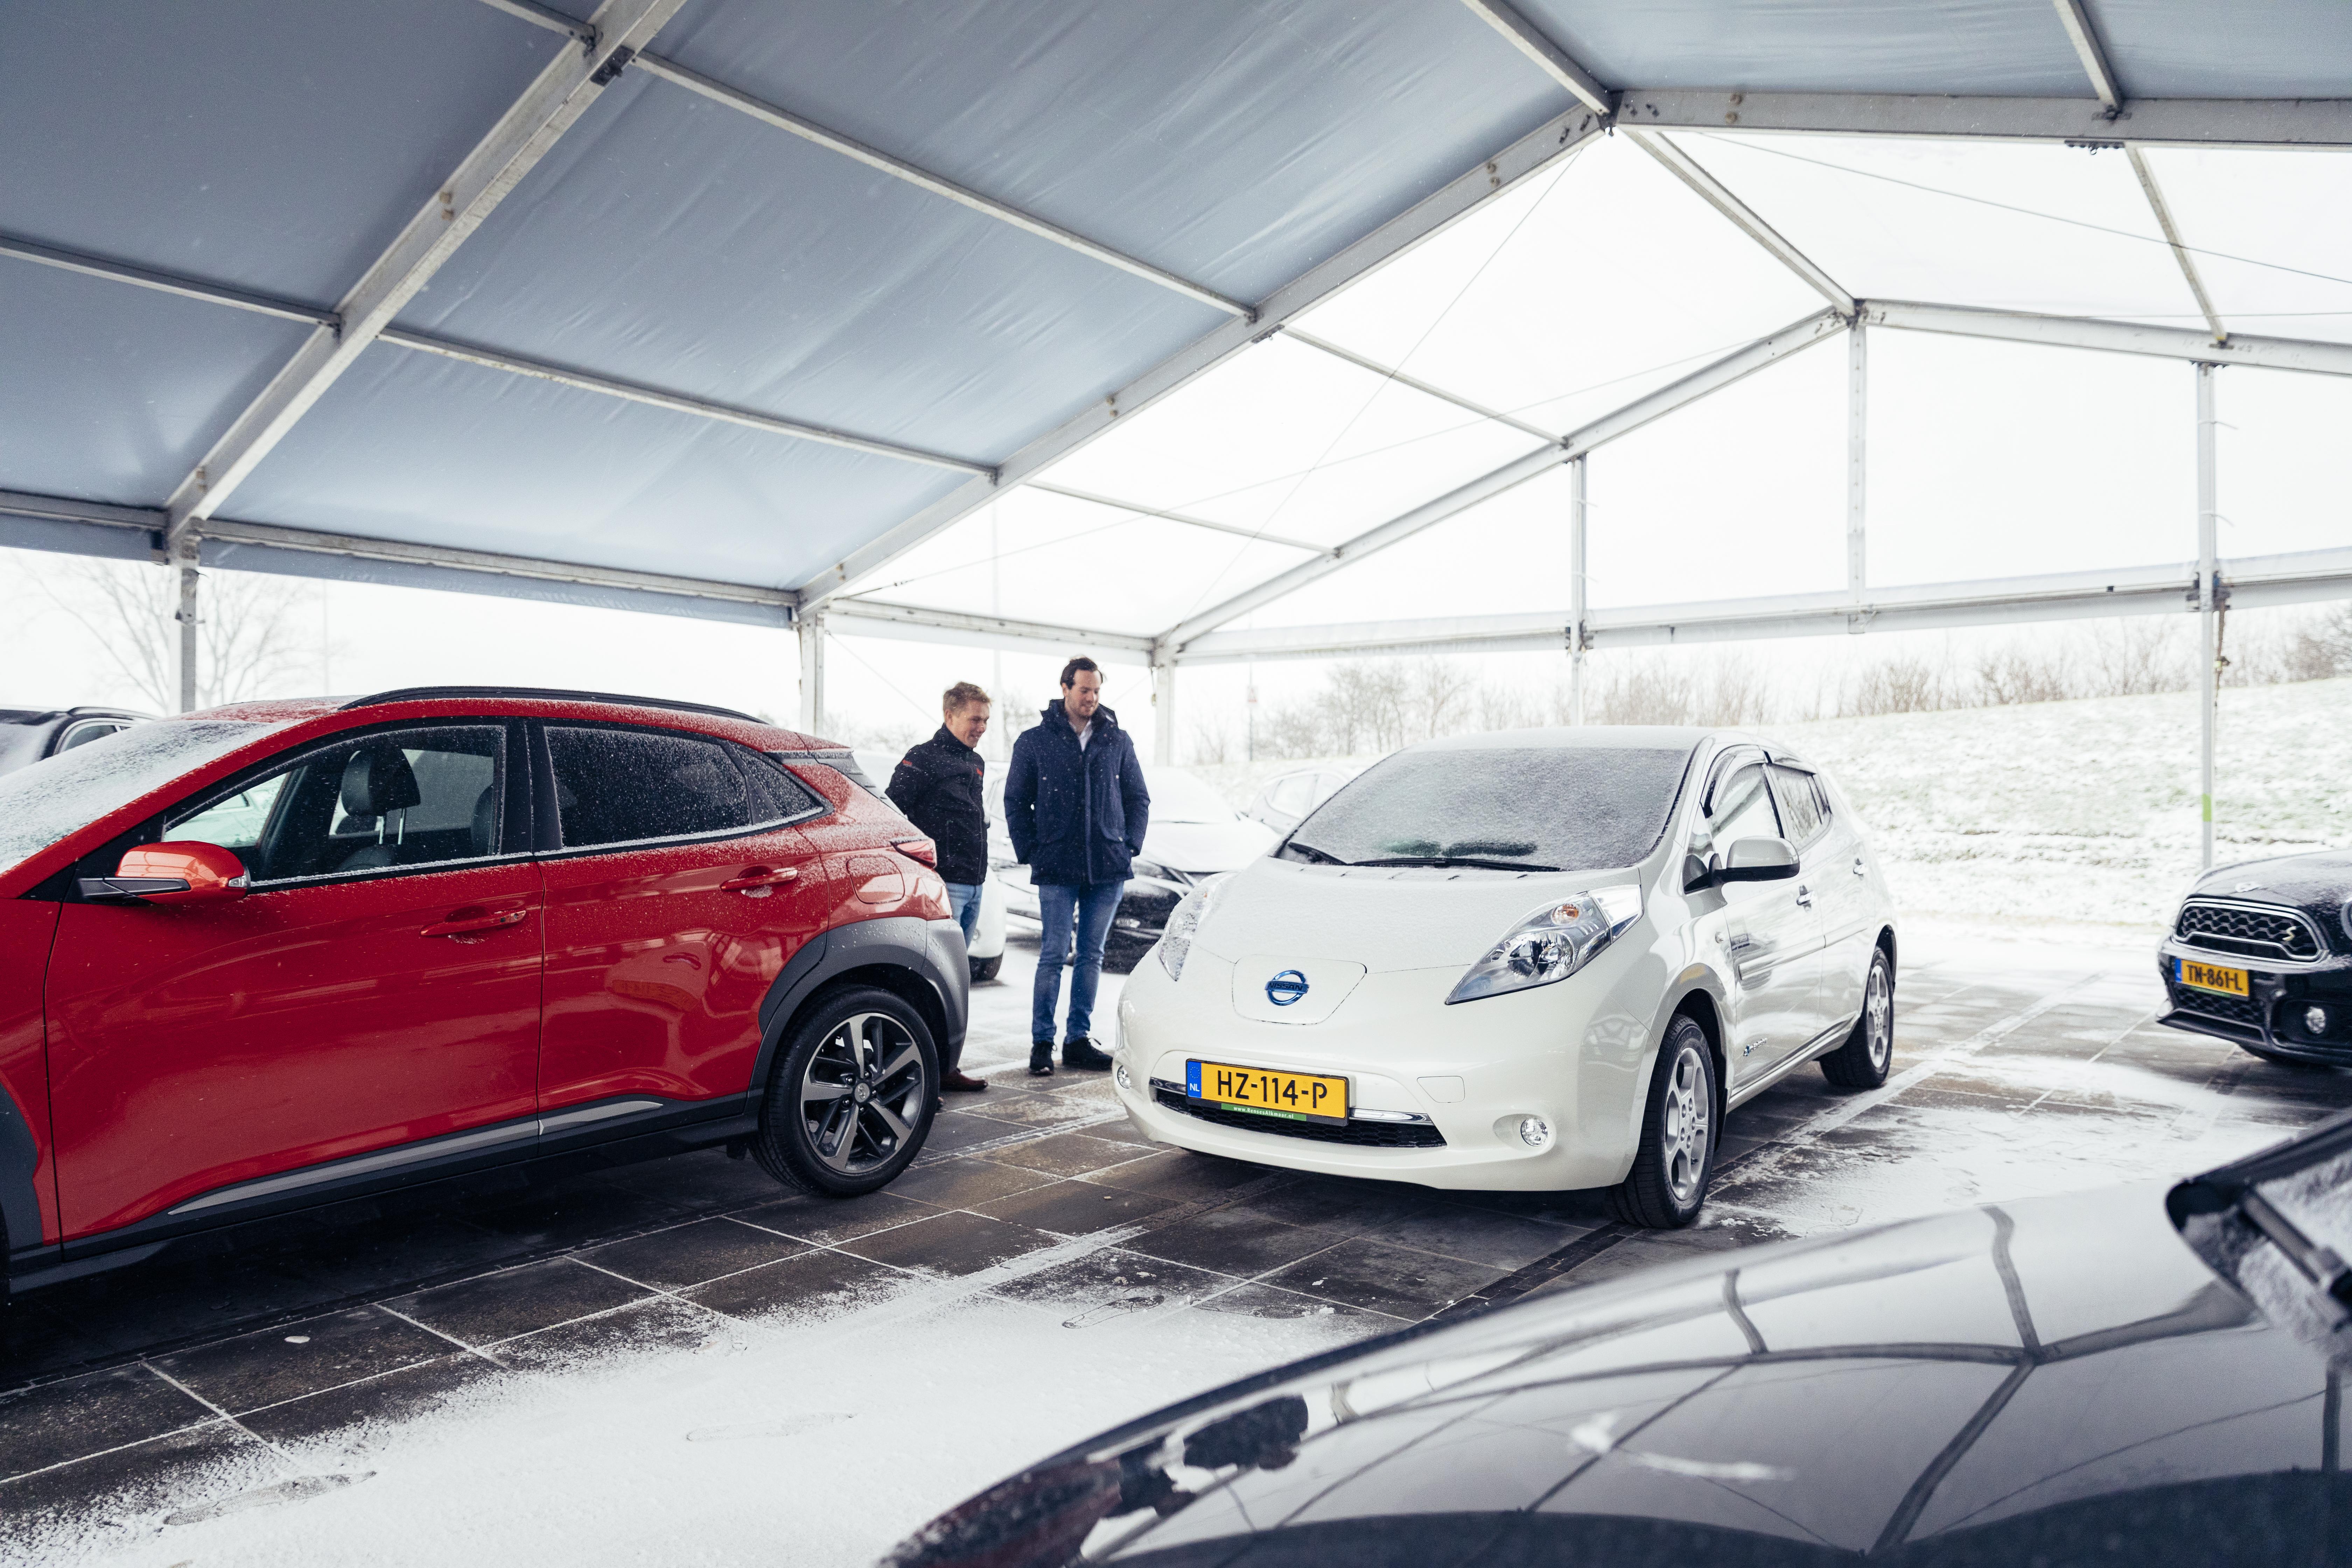 Verkoop Tweedehands Elektrische Auto S Enorm Gegroeid